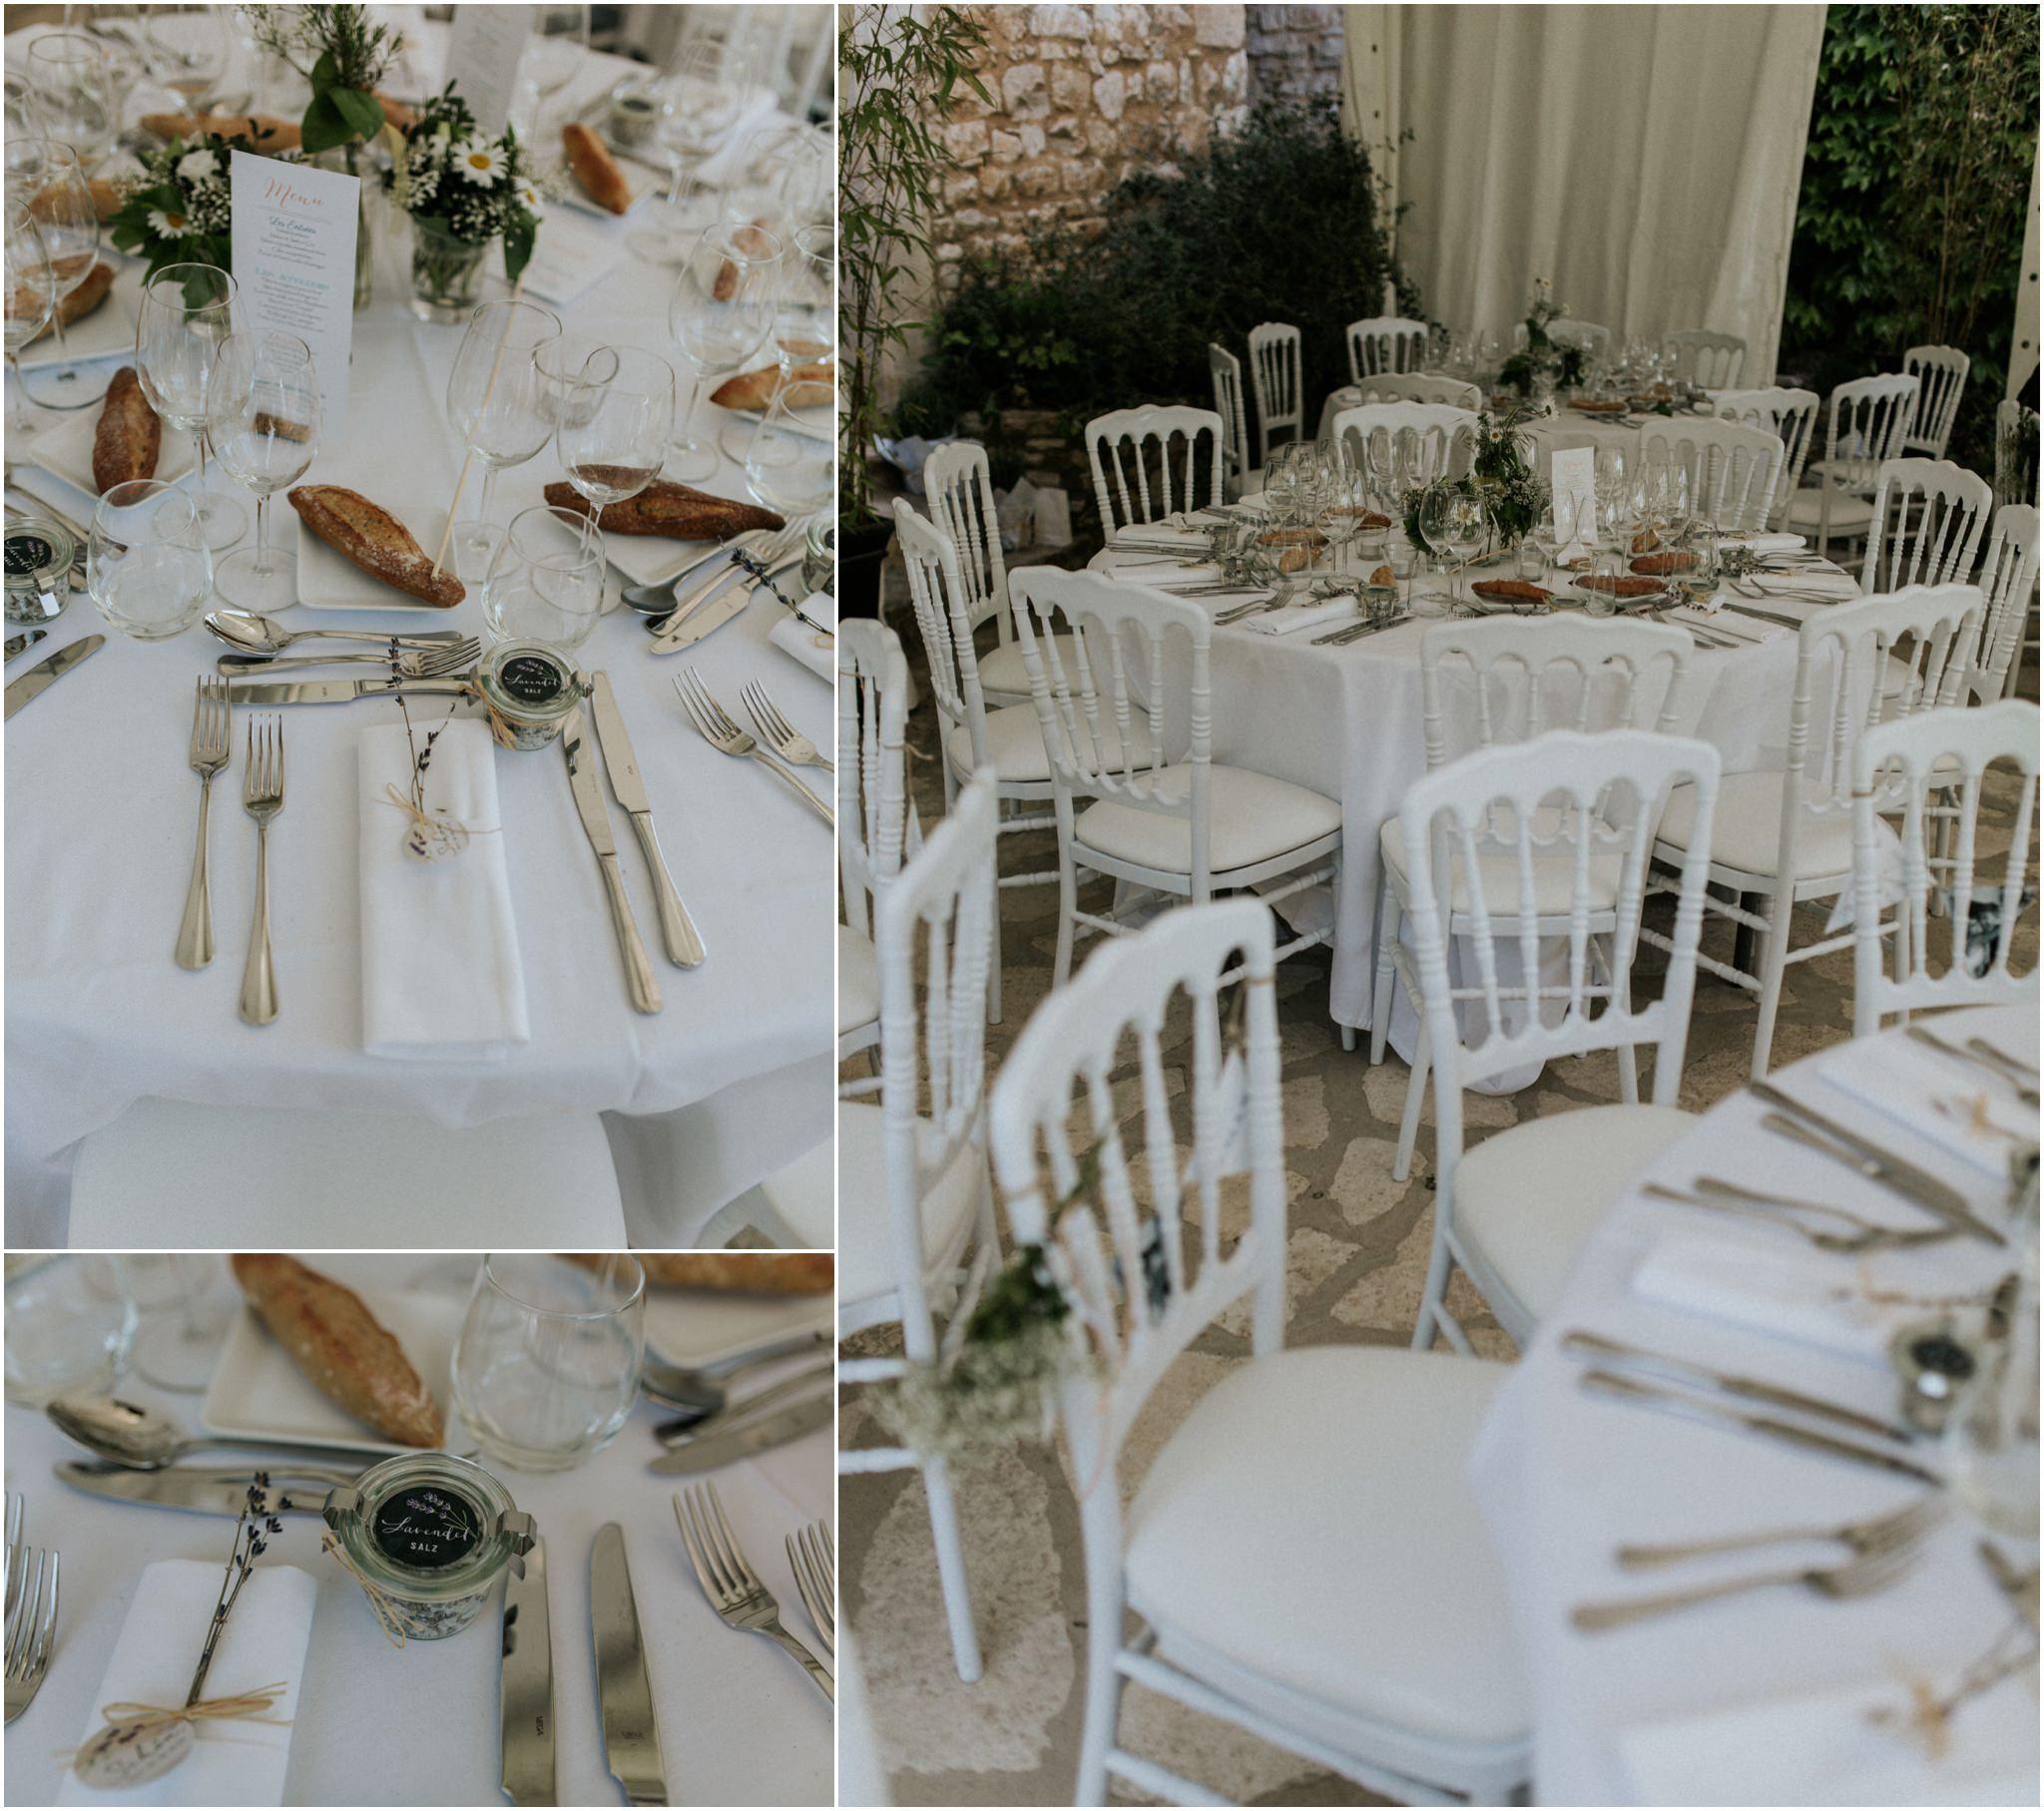 Www Annaundandreas De108 Tischdekoration Hochzeit Hochzeit Tischdekoration